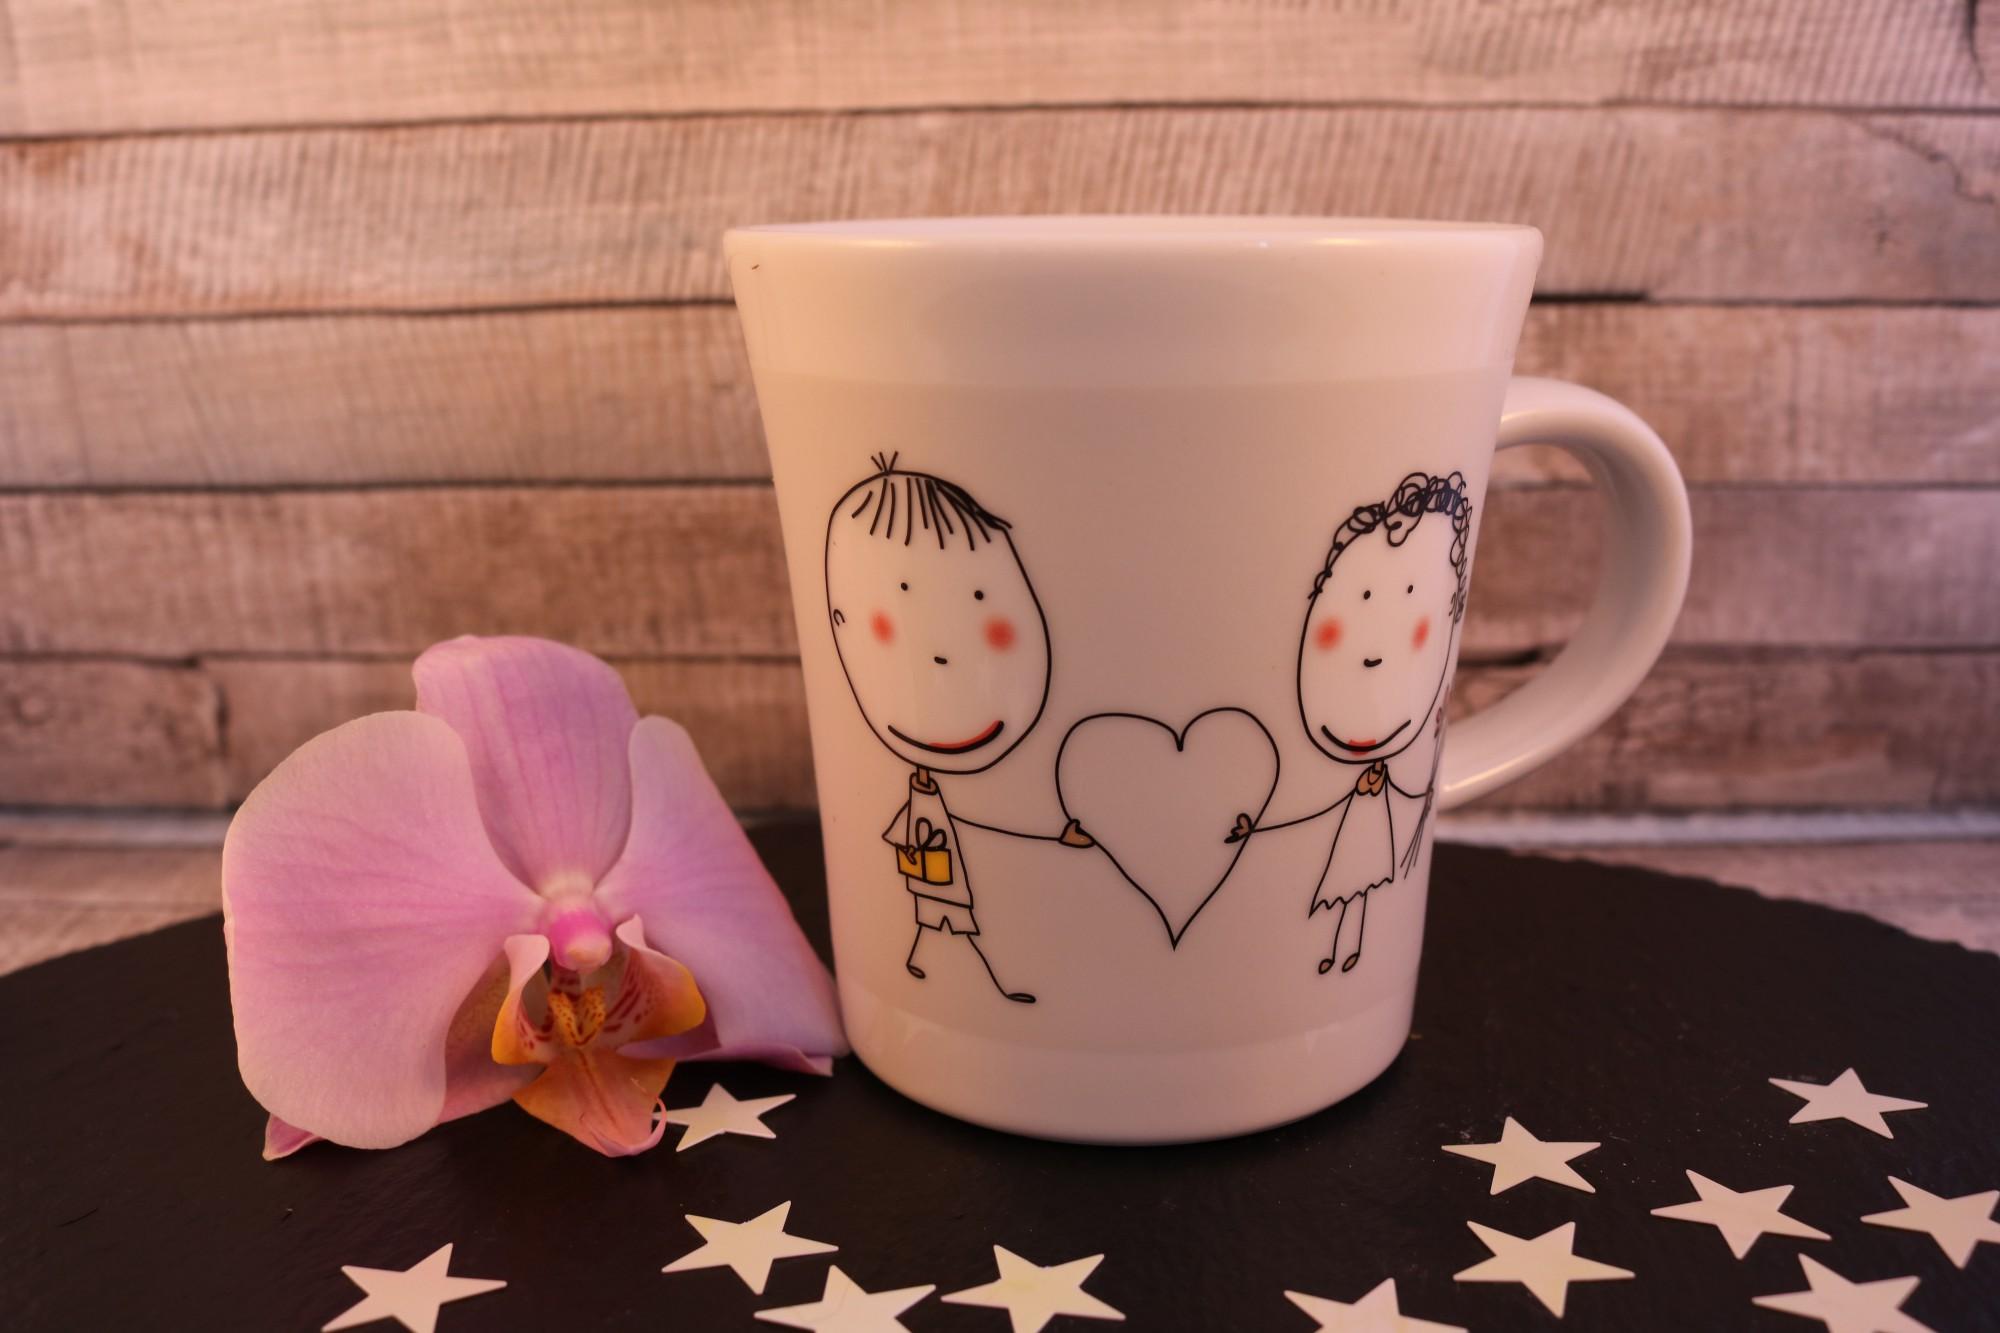 KAHLA NOTES kleine Liebesbotschaften auf der Tasse hinterlassen ...